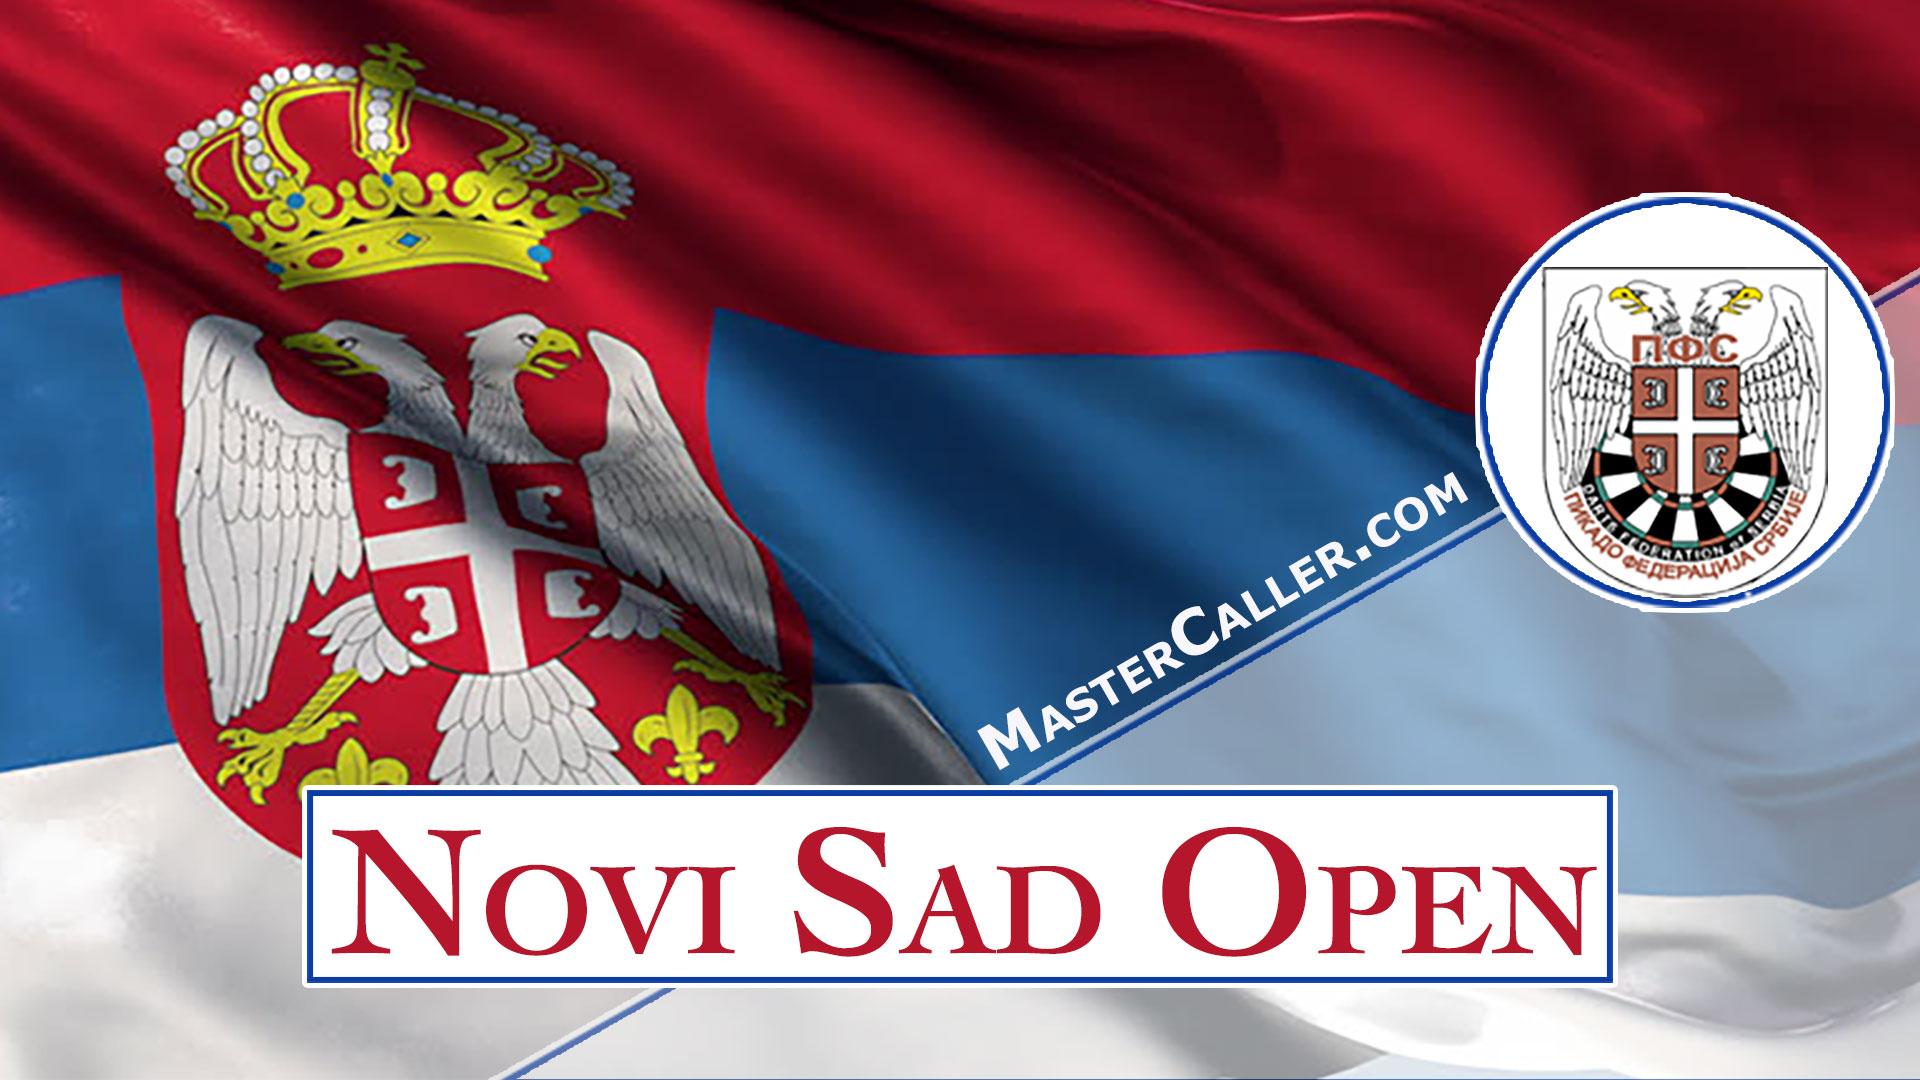 Novi Sad Open Men - 2021 Logo